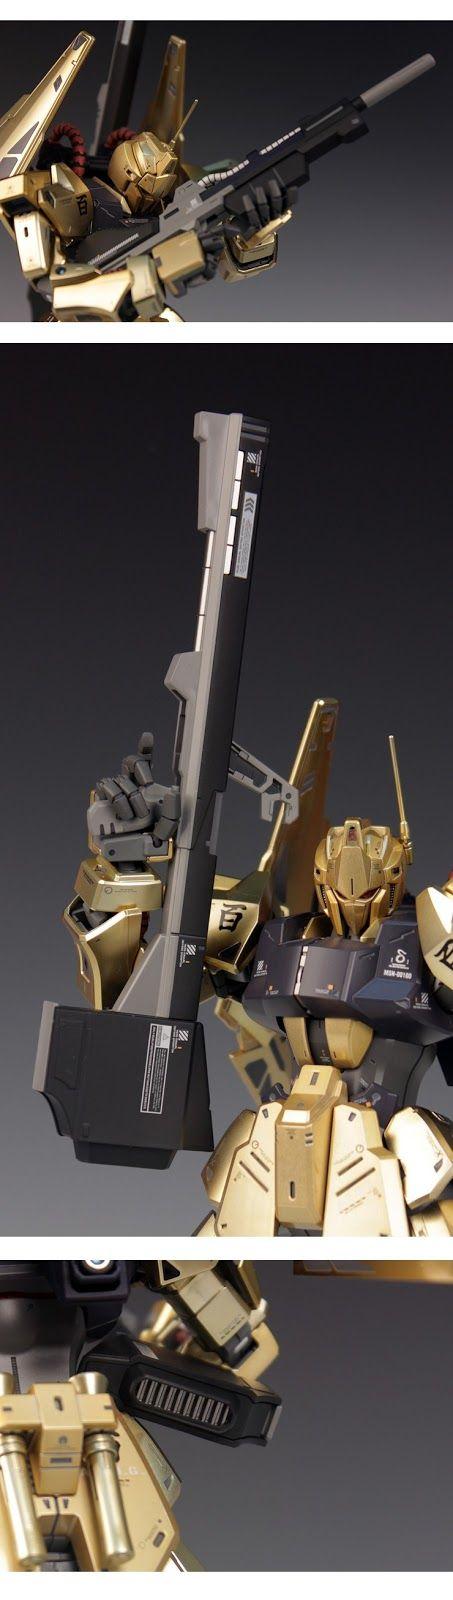 GUNDAM GUY: MG 1/100 Hyaku Shiki Ver 2.0 - Painted Build